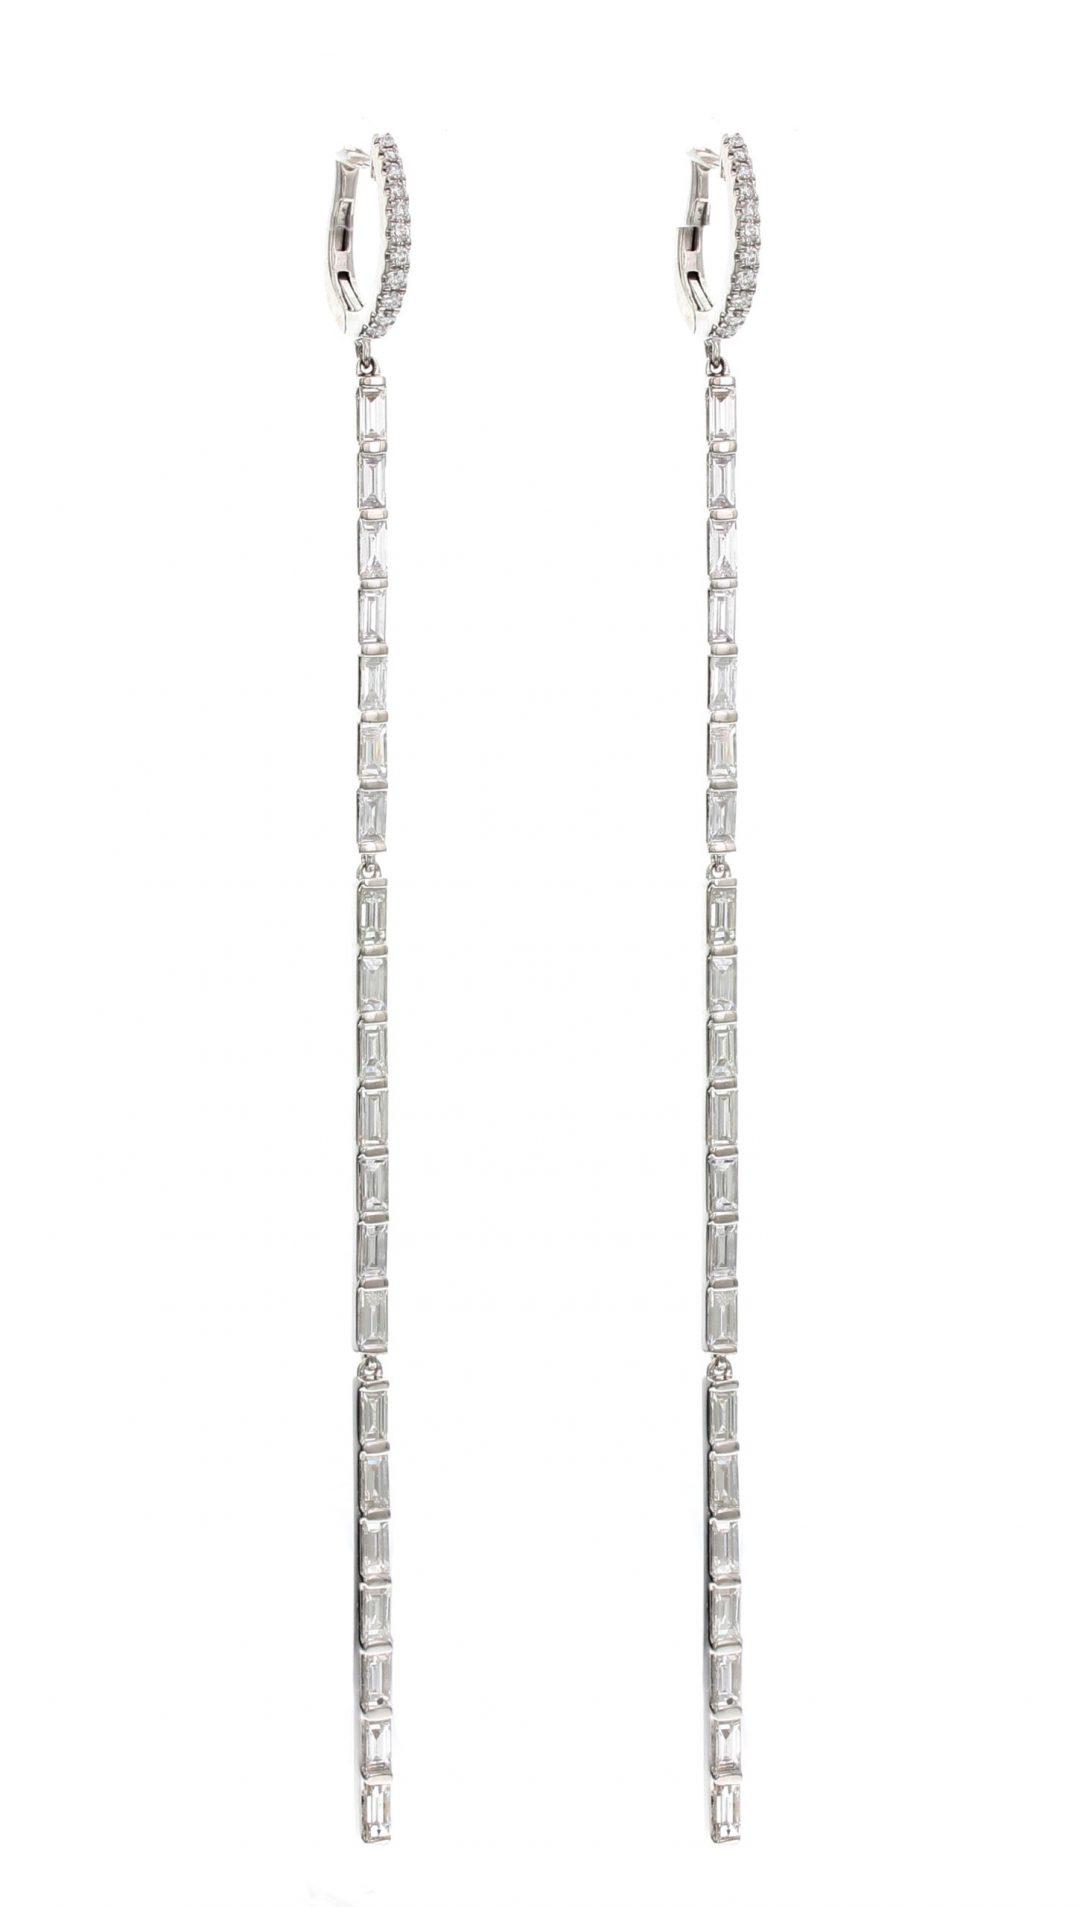 AER-15486 WG